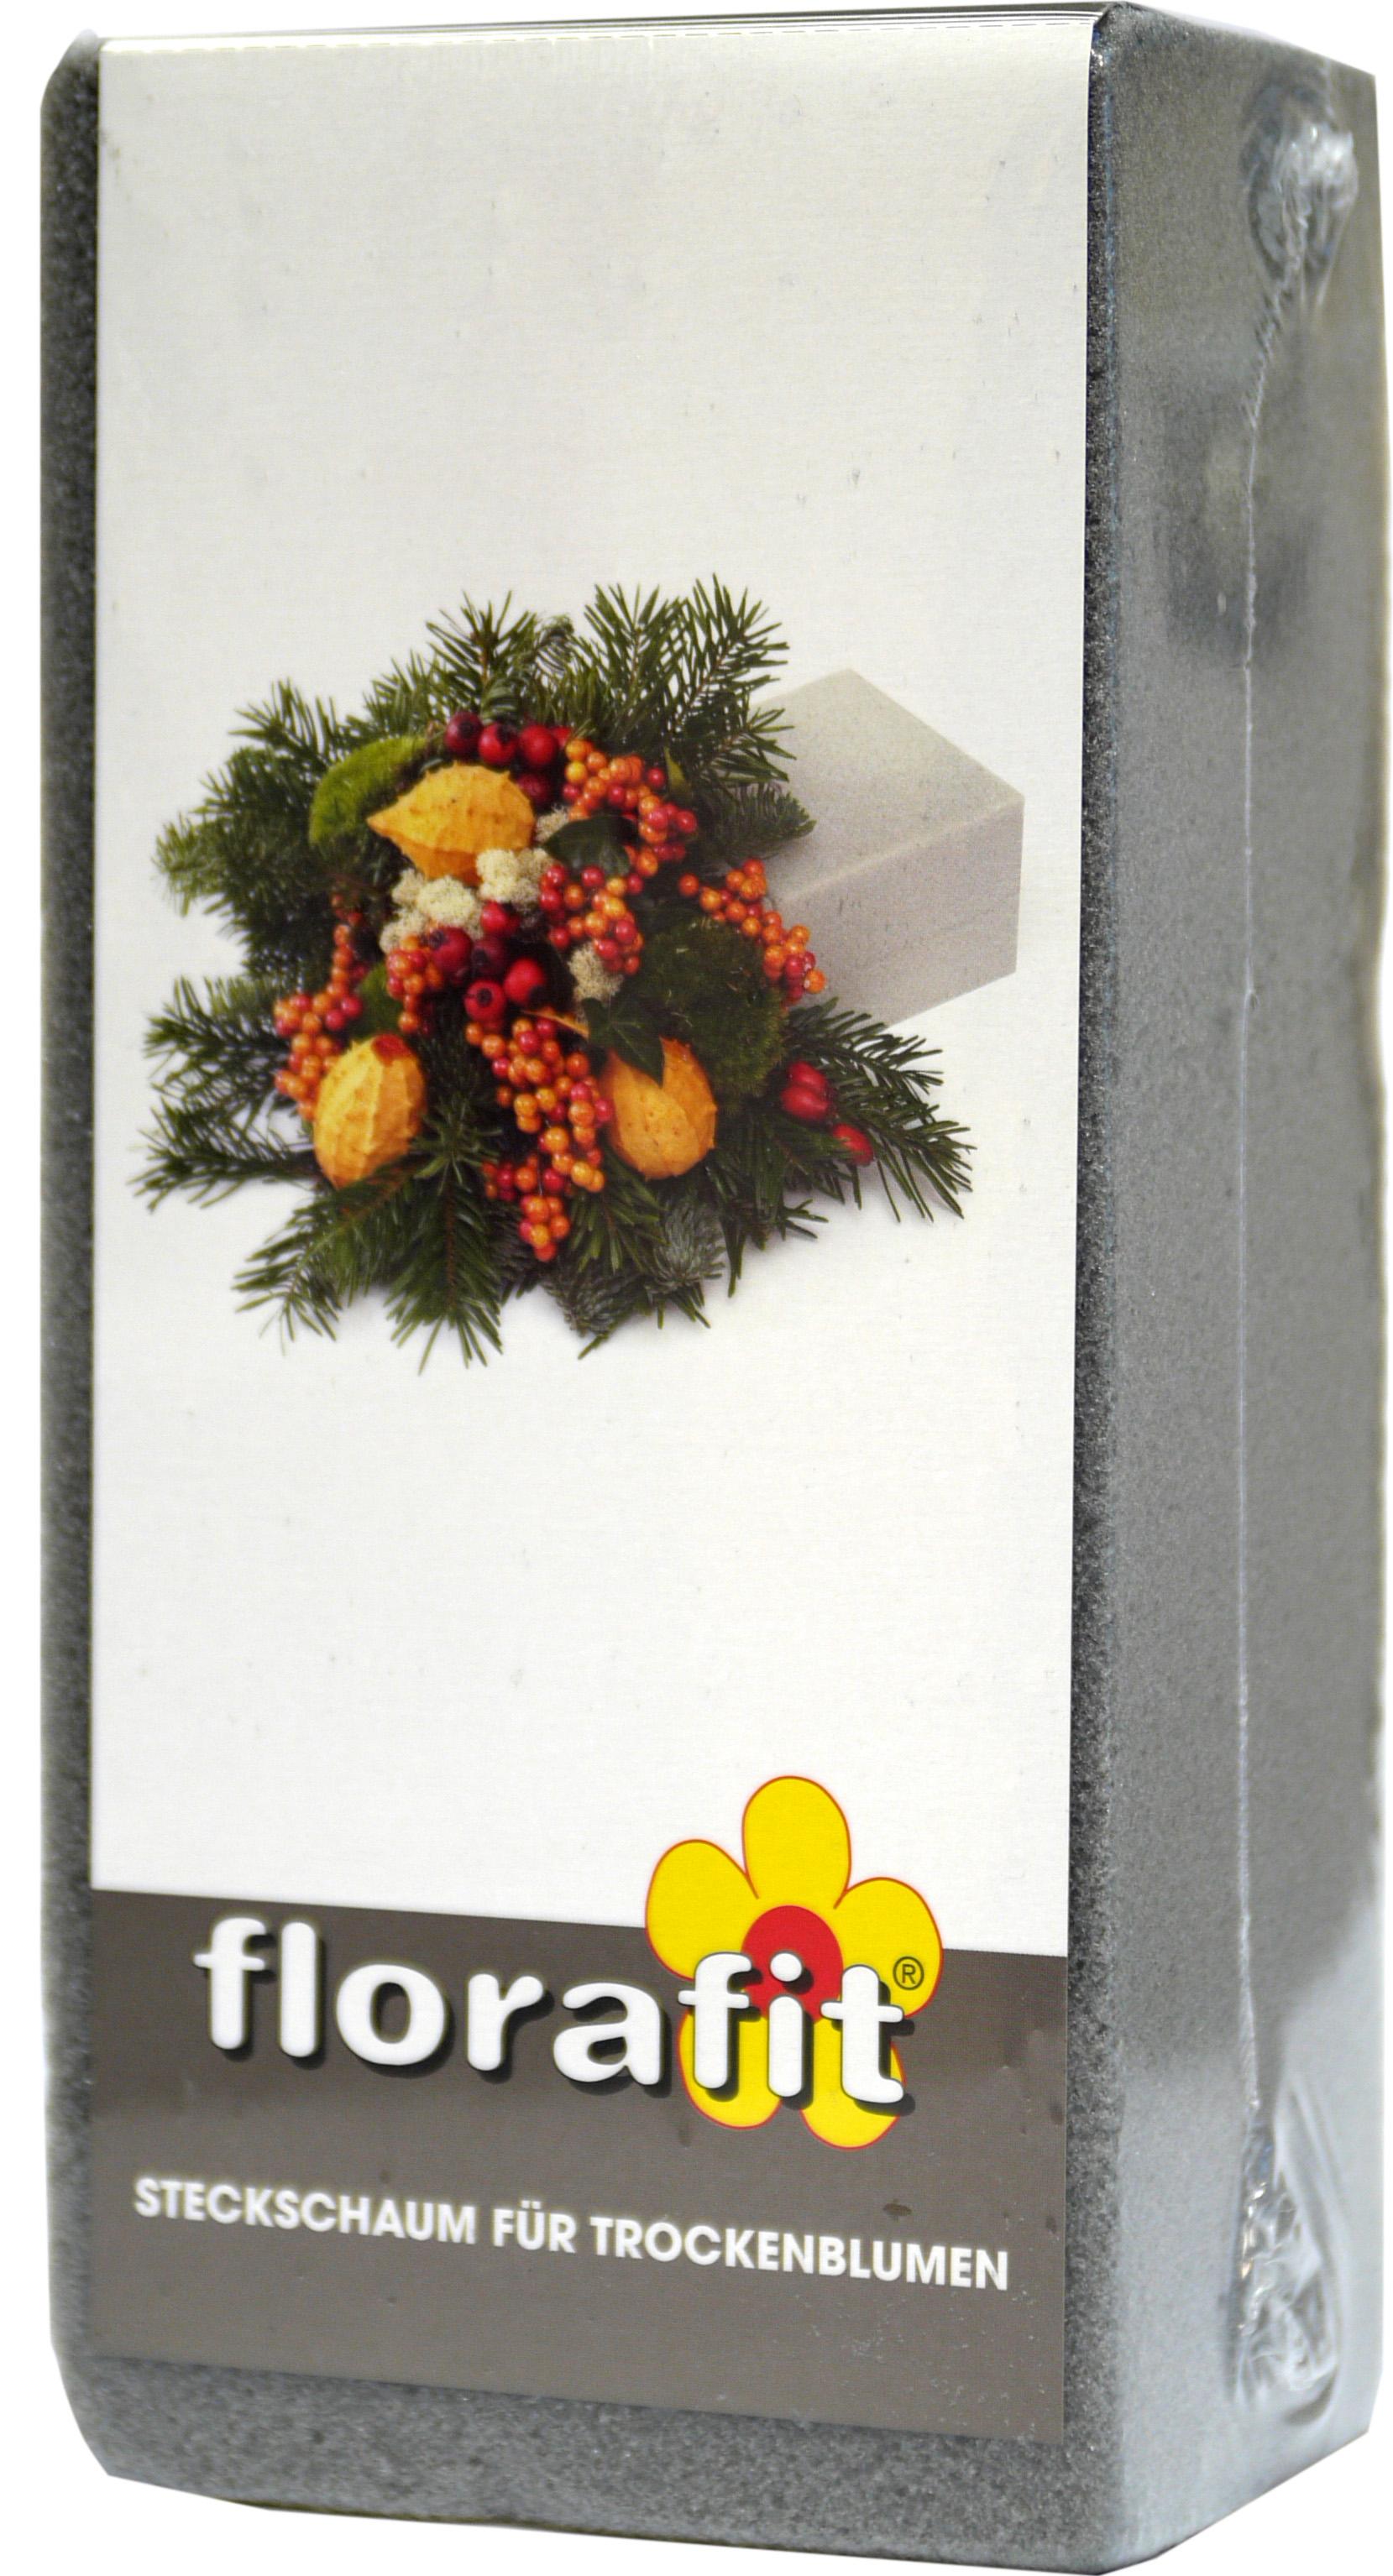 02276 - florafit Steckschaum für Trockenblumen